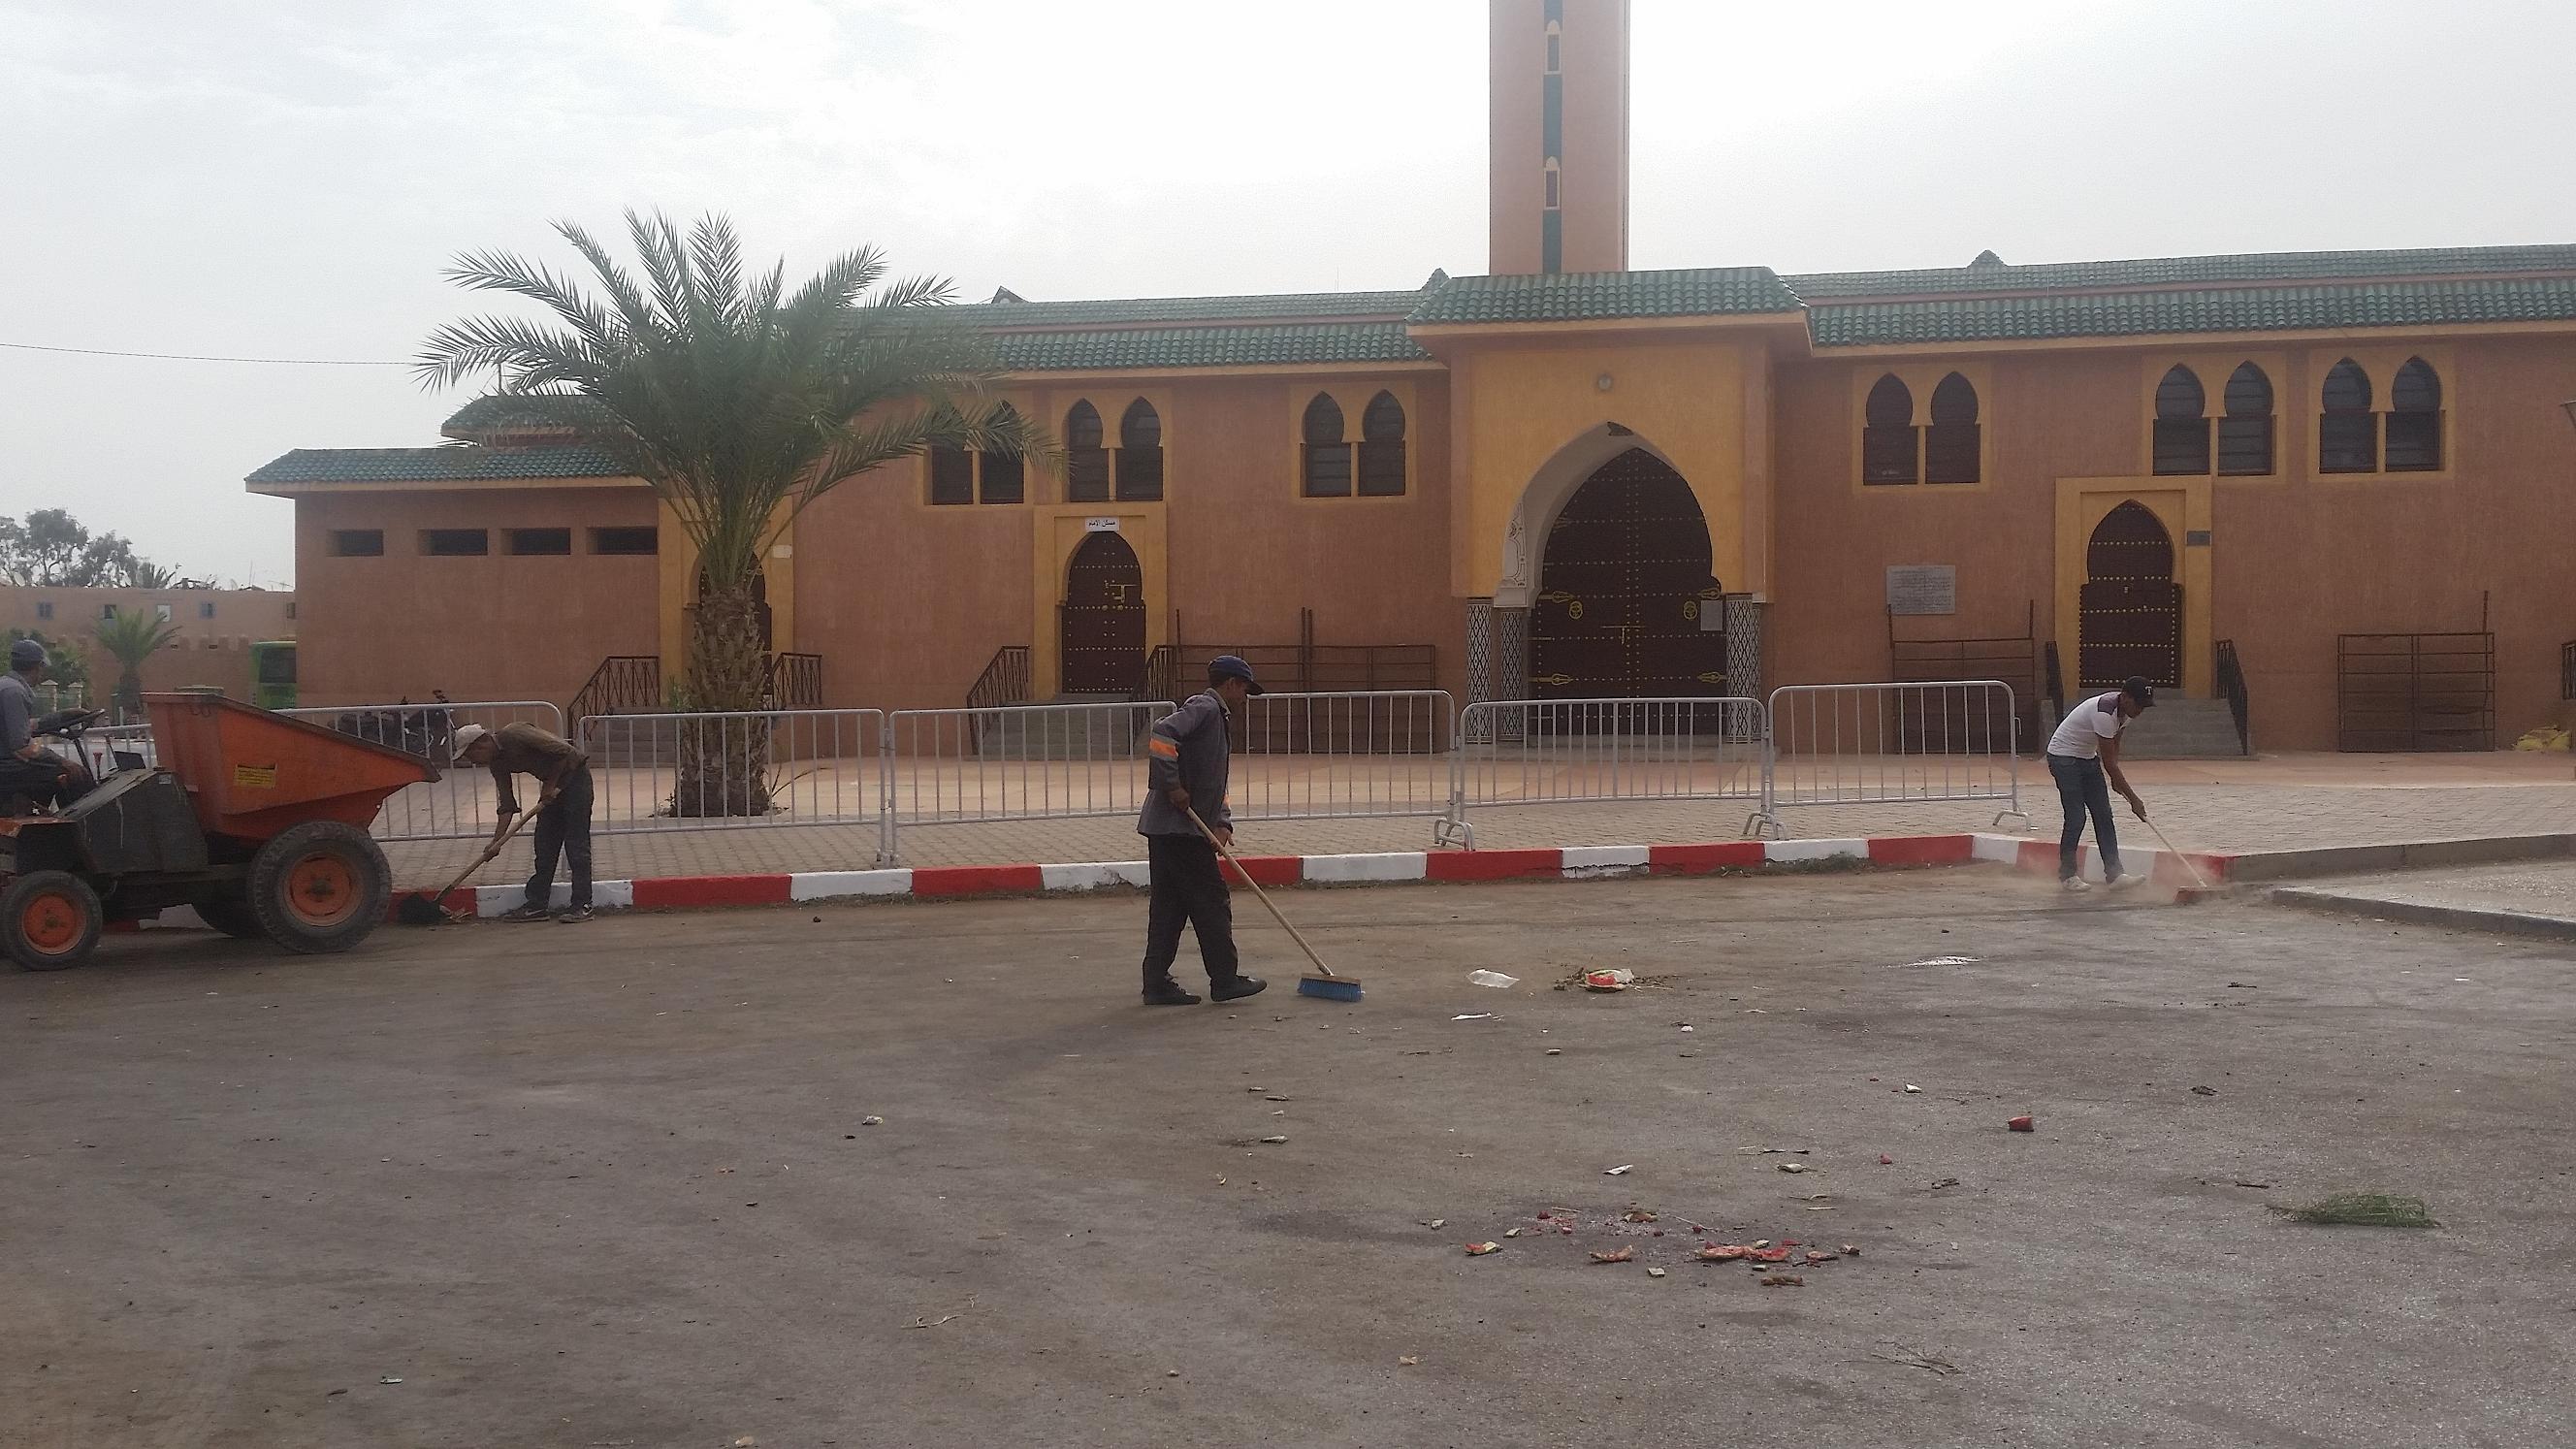 انتهاك حرمات مسجد السنة يدفع جمعيتين إلى مراسلة المسؤولين بتيزنيت